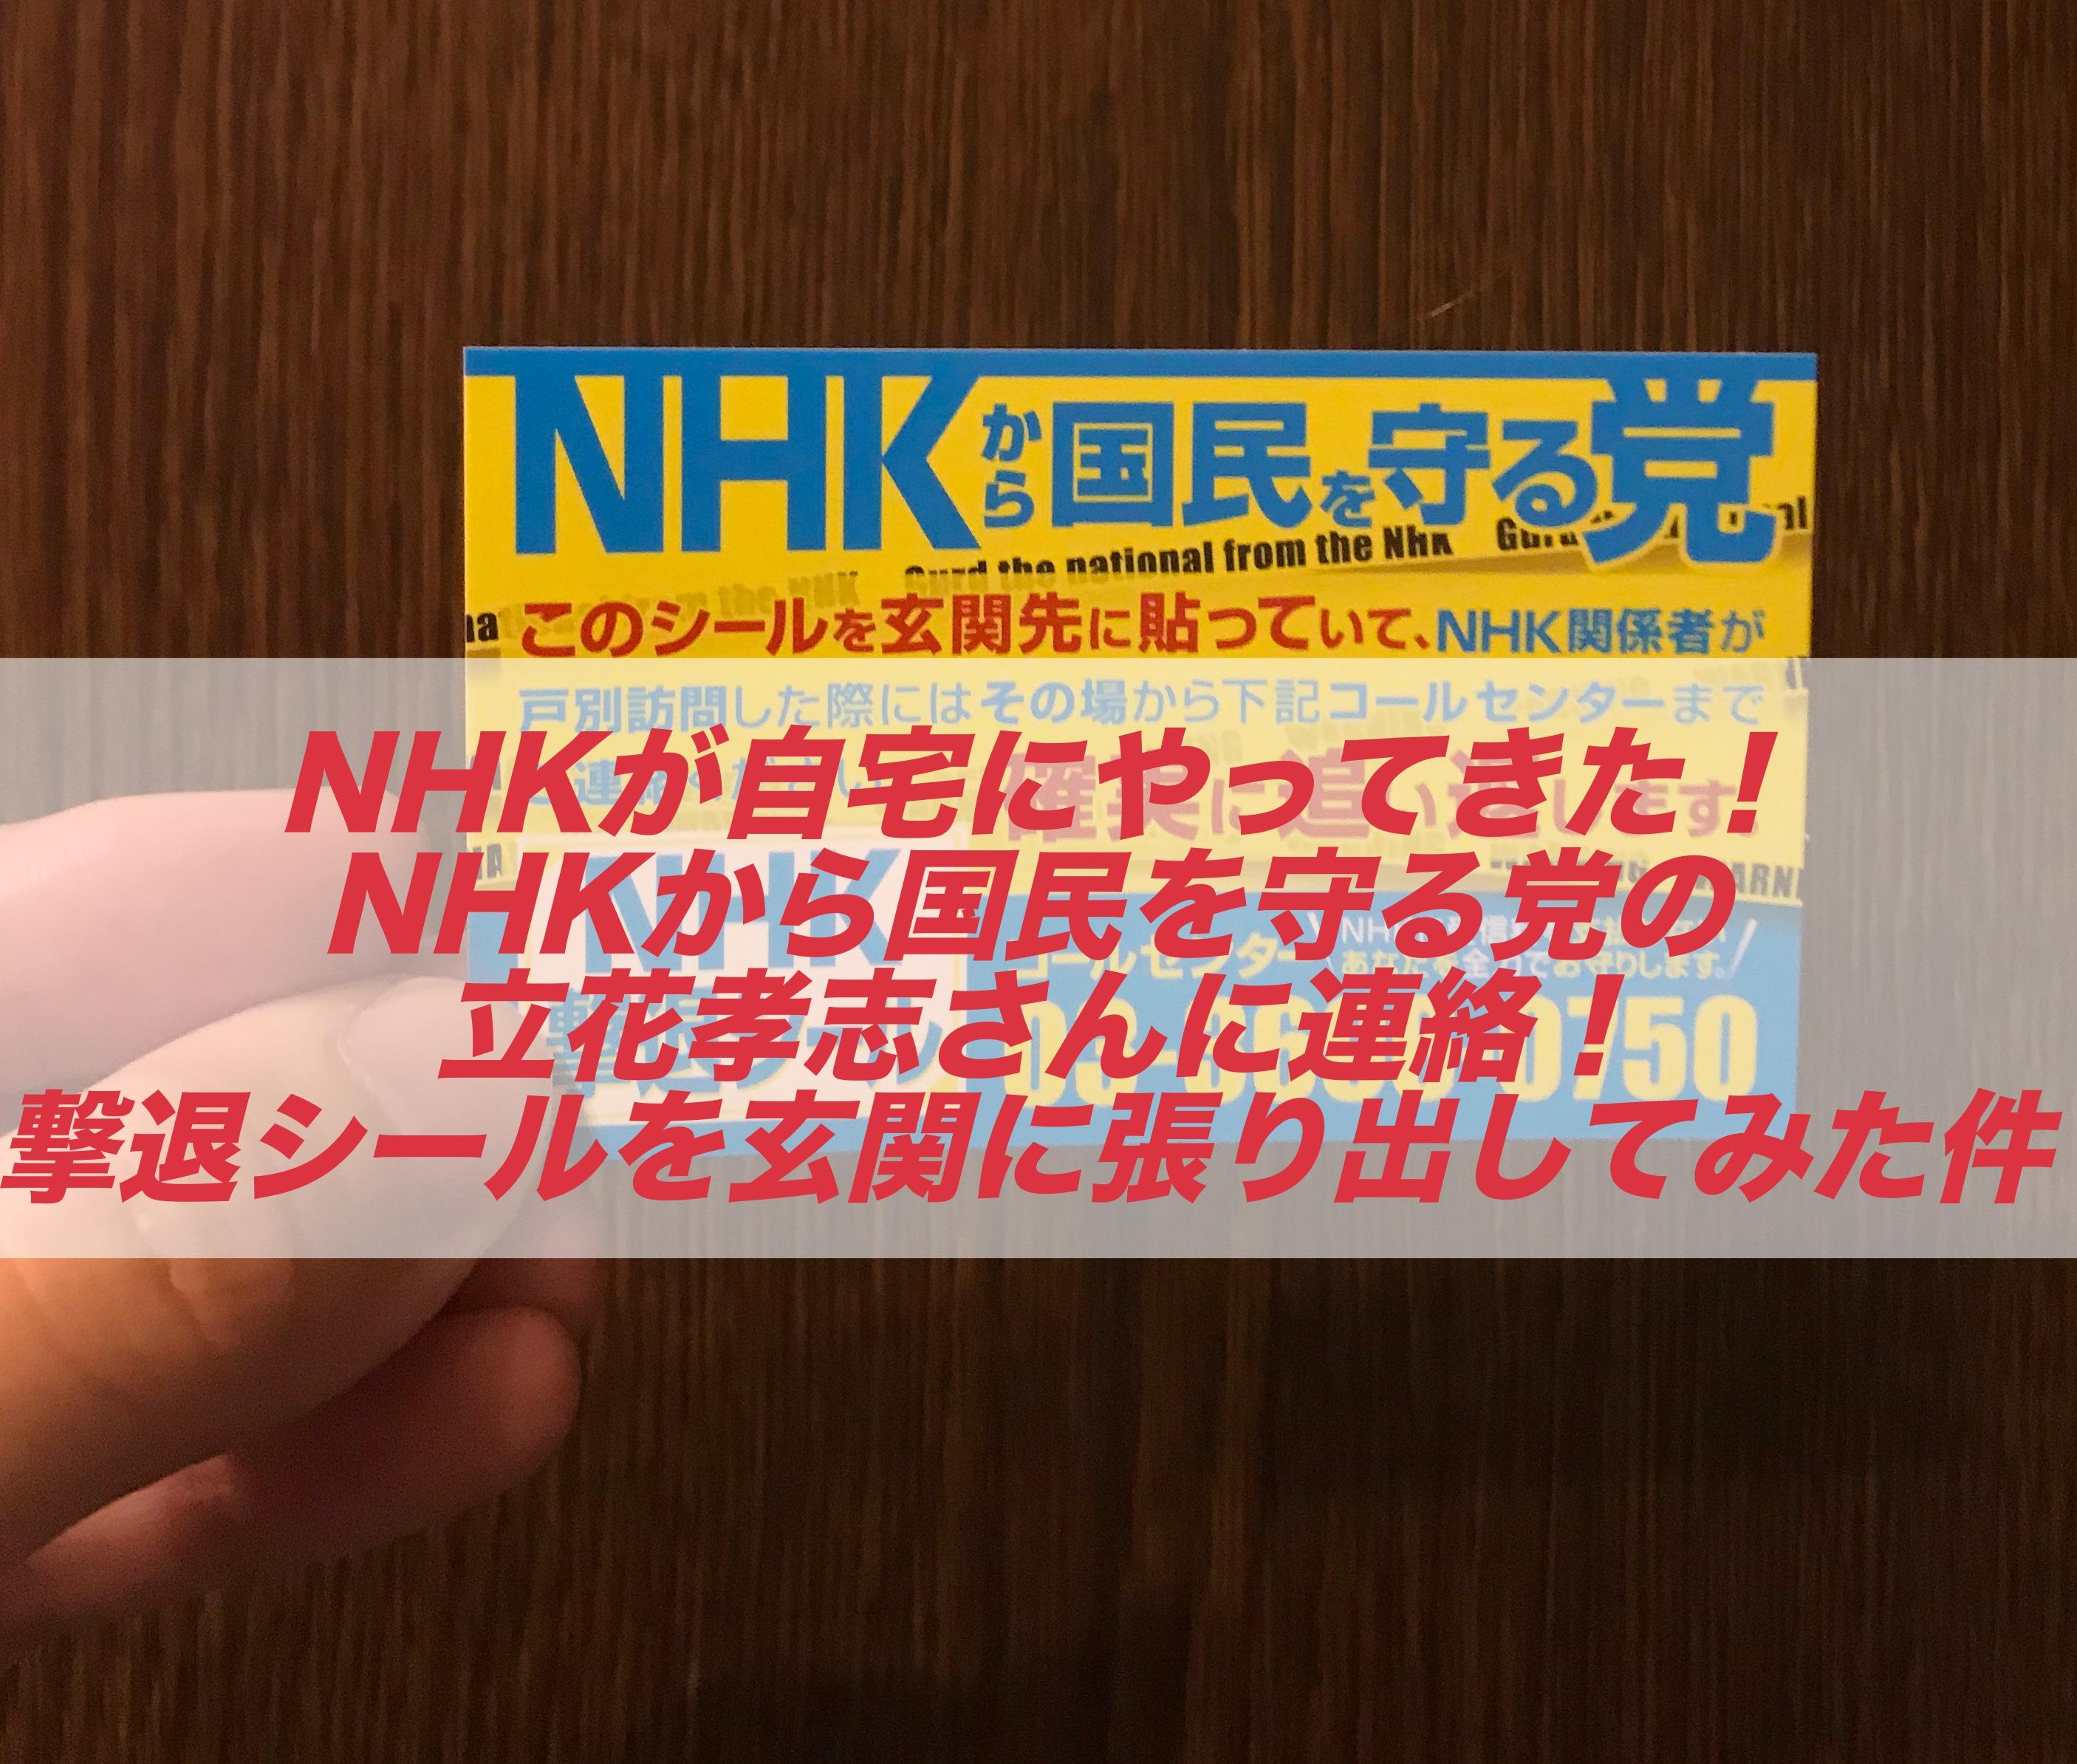 N国党】NHKが自宅にやってきた!NHKから国民を守る党!立花孝志さんに ...